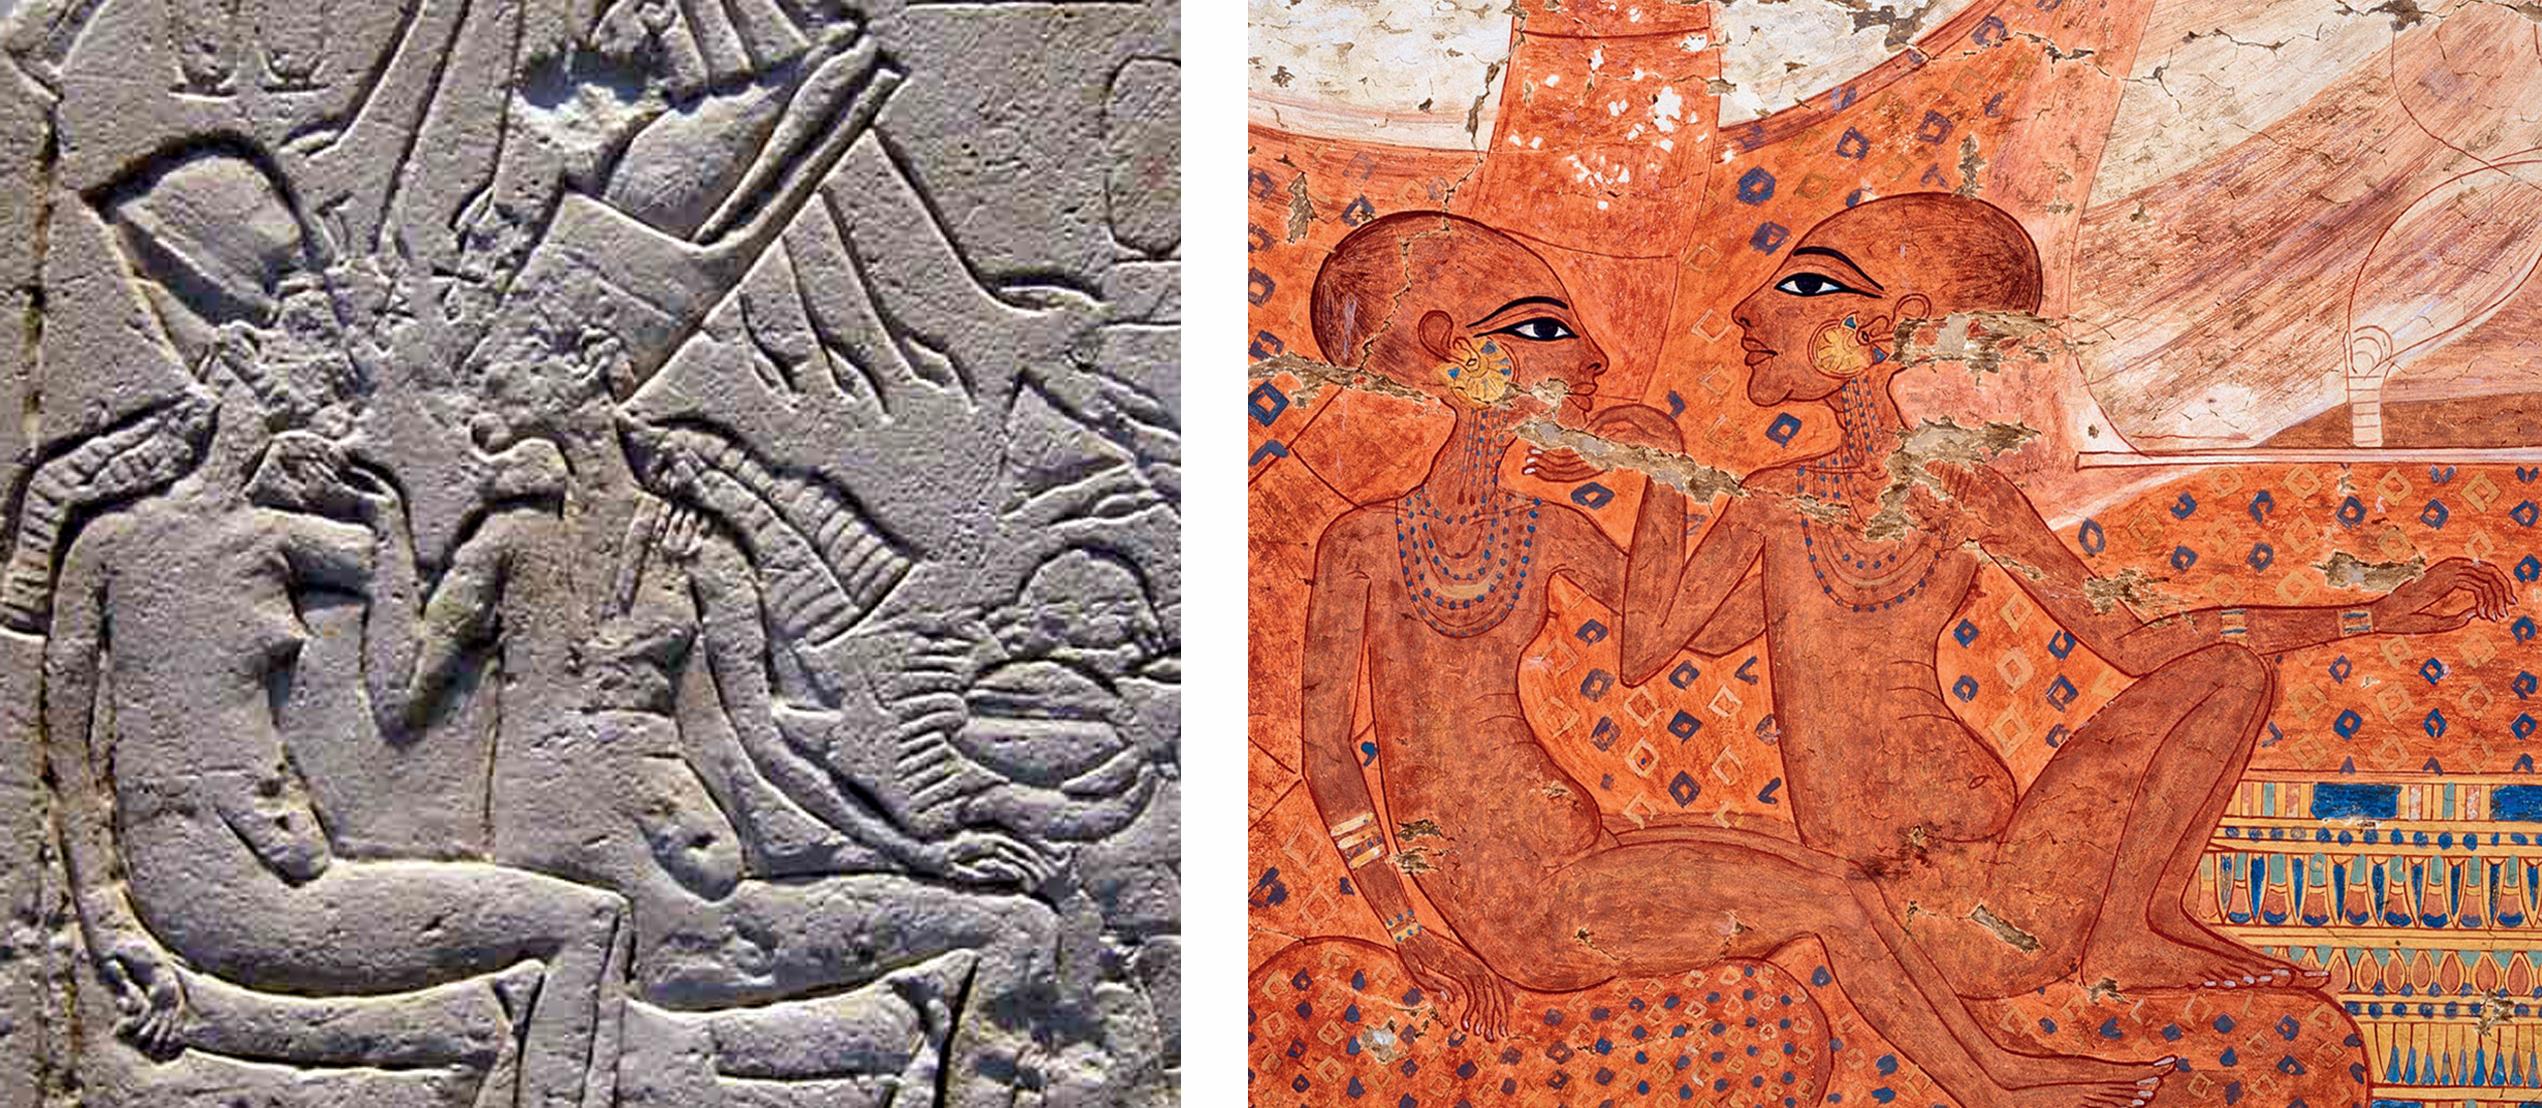 Mysteriöse Doppelherrschaft: Kunsthistorikerin entdeckt bisher unbekannte altägyptische Königin